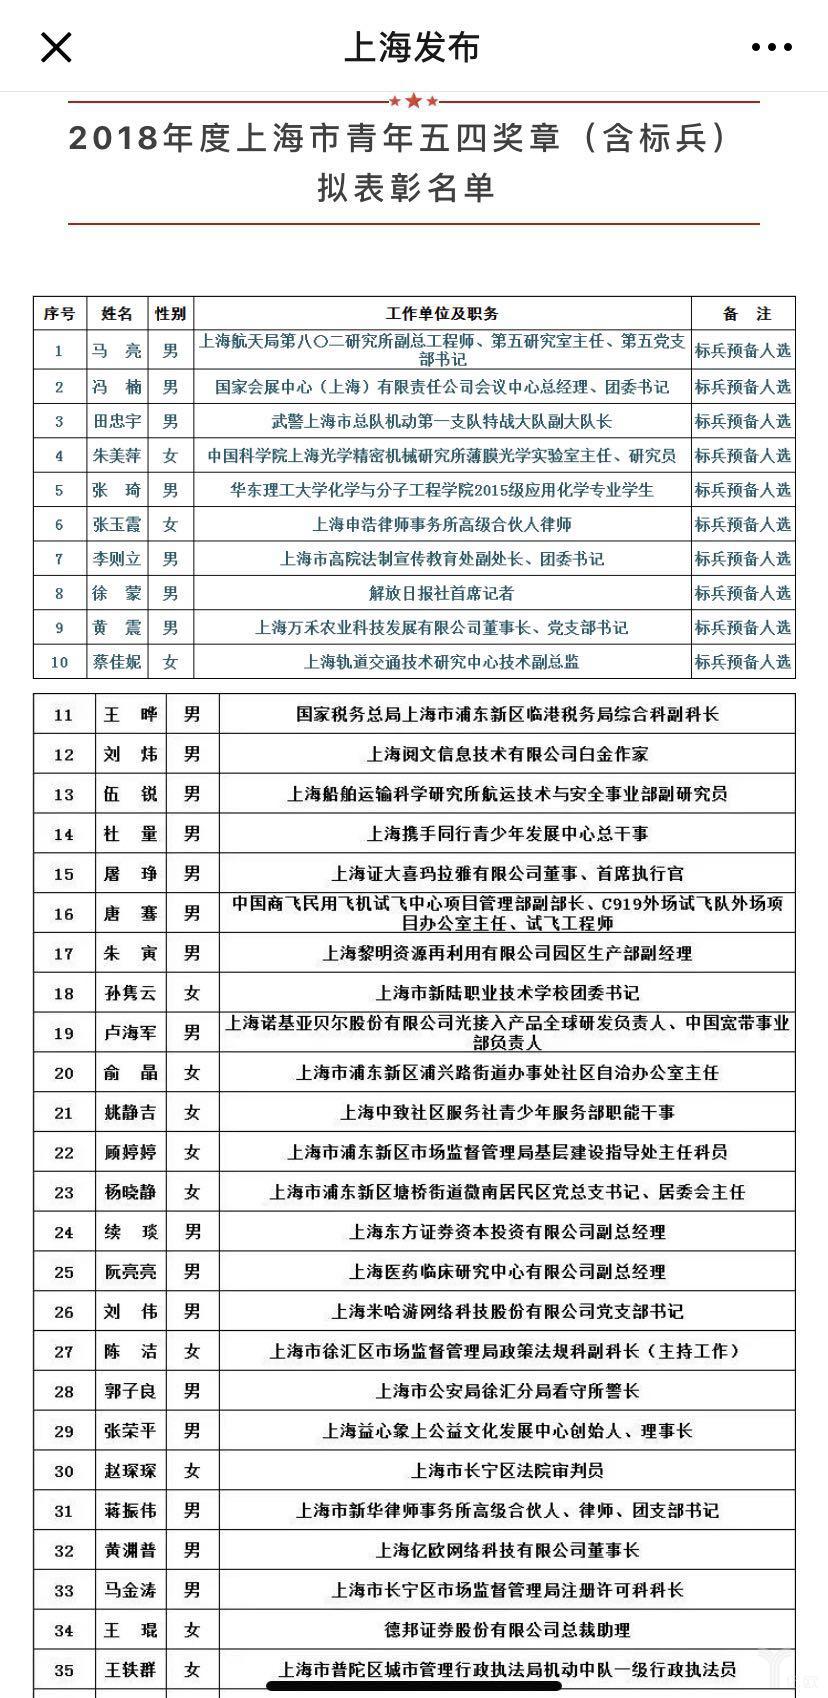 2018年度上海市青年五四奖章表彰名单.png